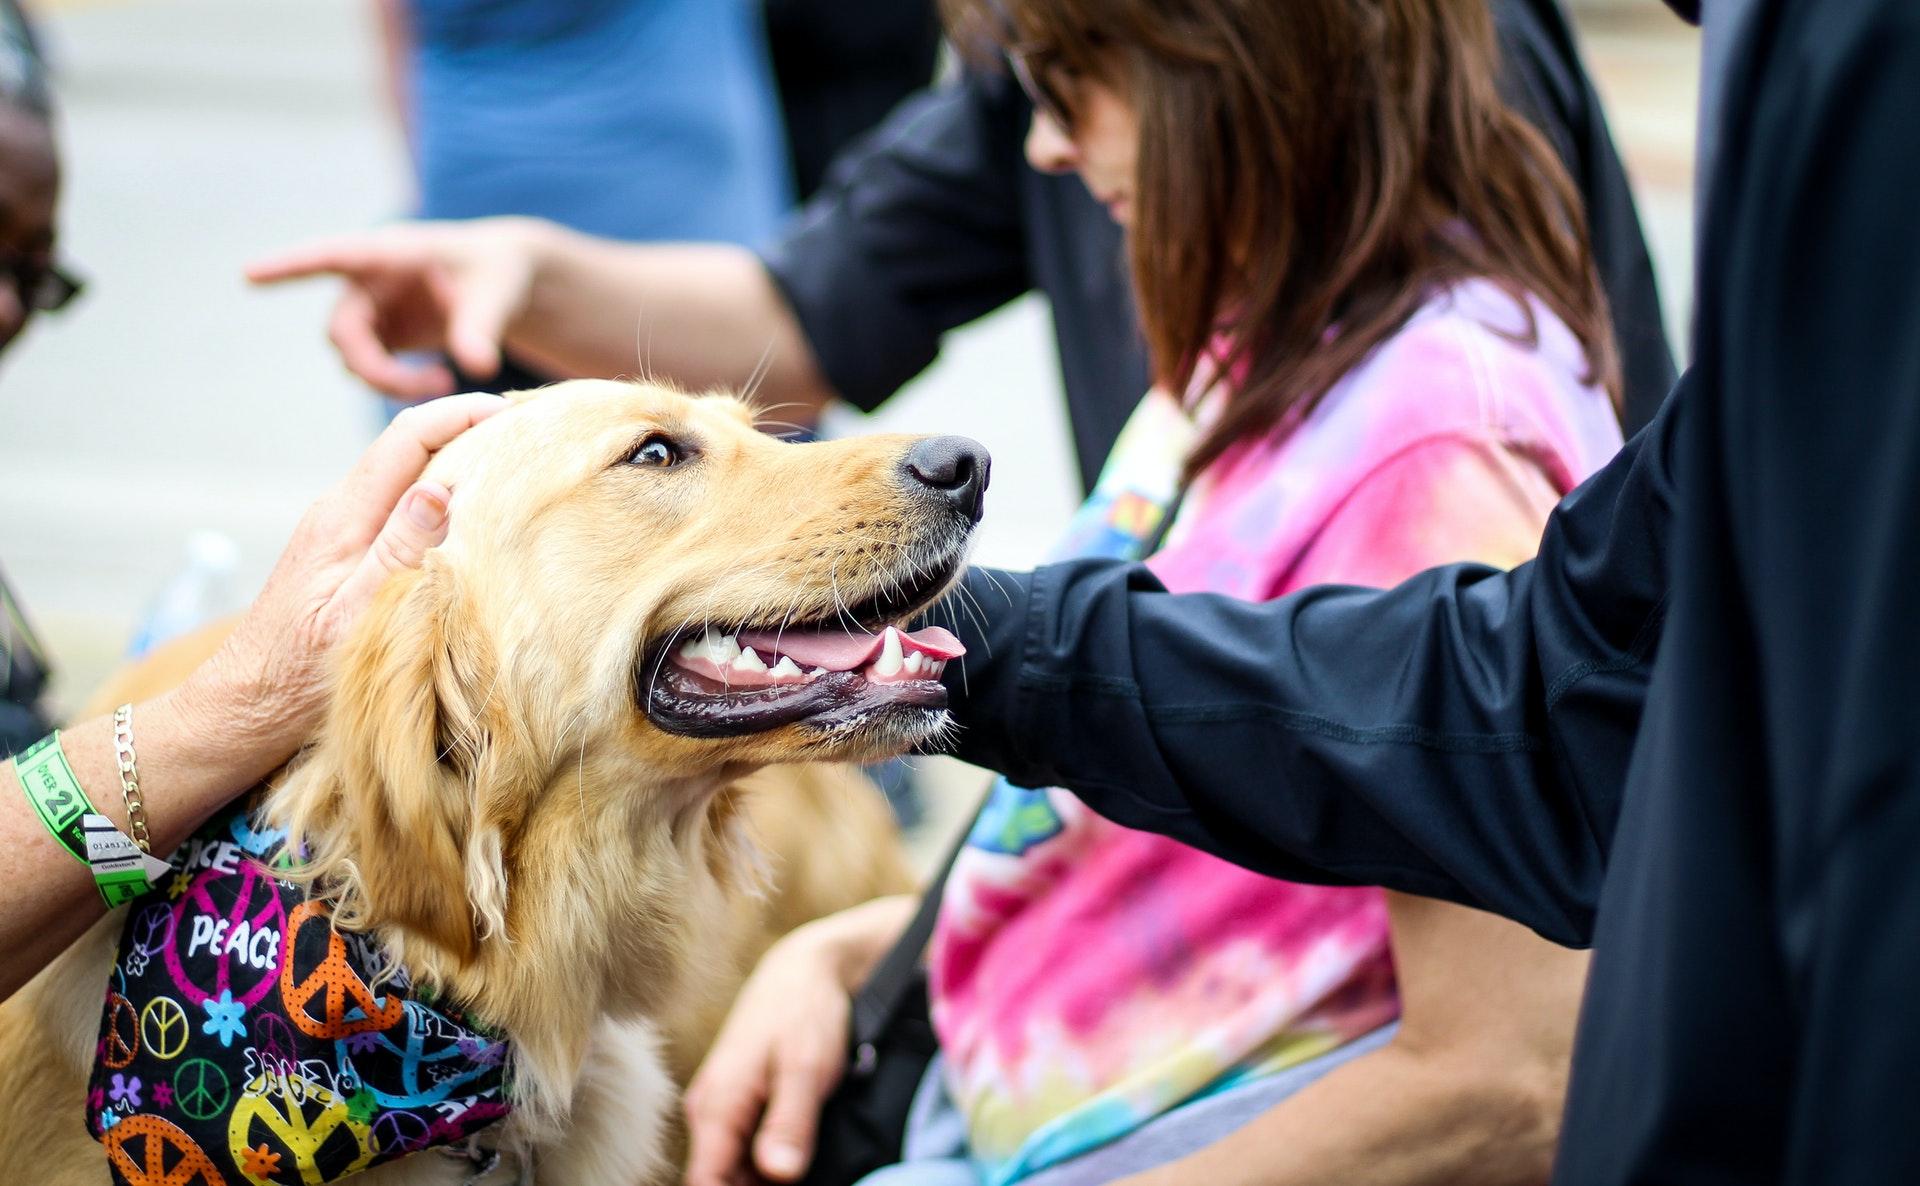 cachorro golden retriever com bandana recebendo afago em festa de aniversário para cachorro.